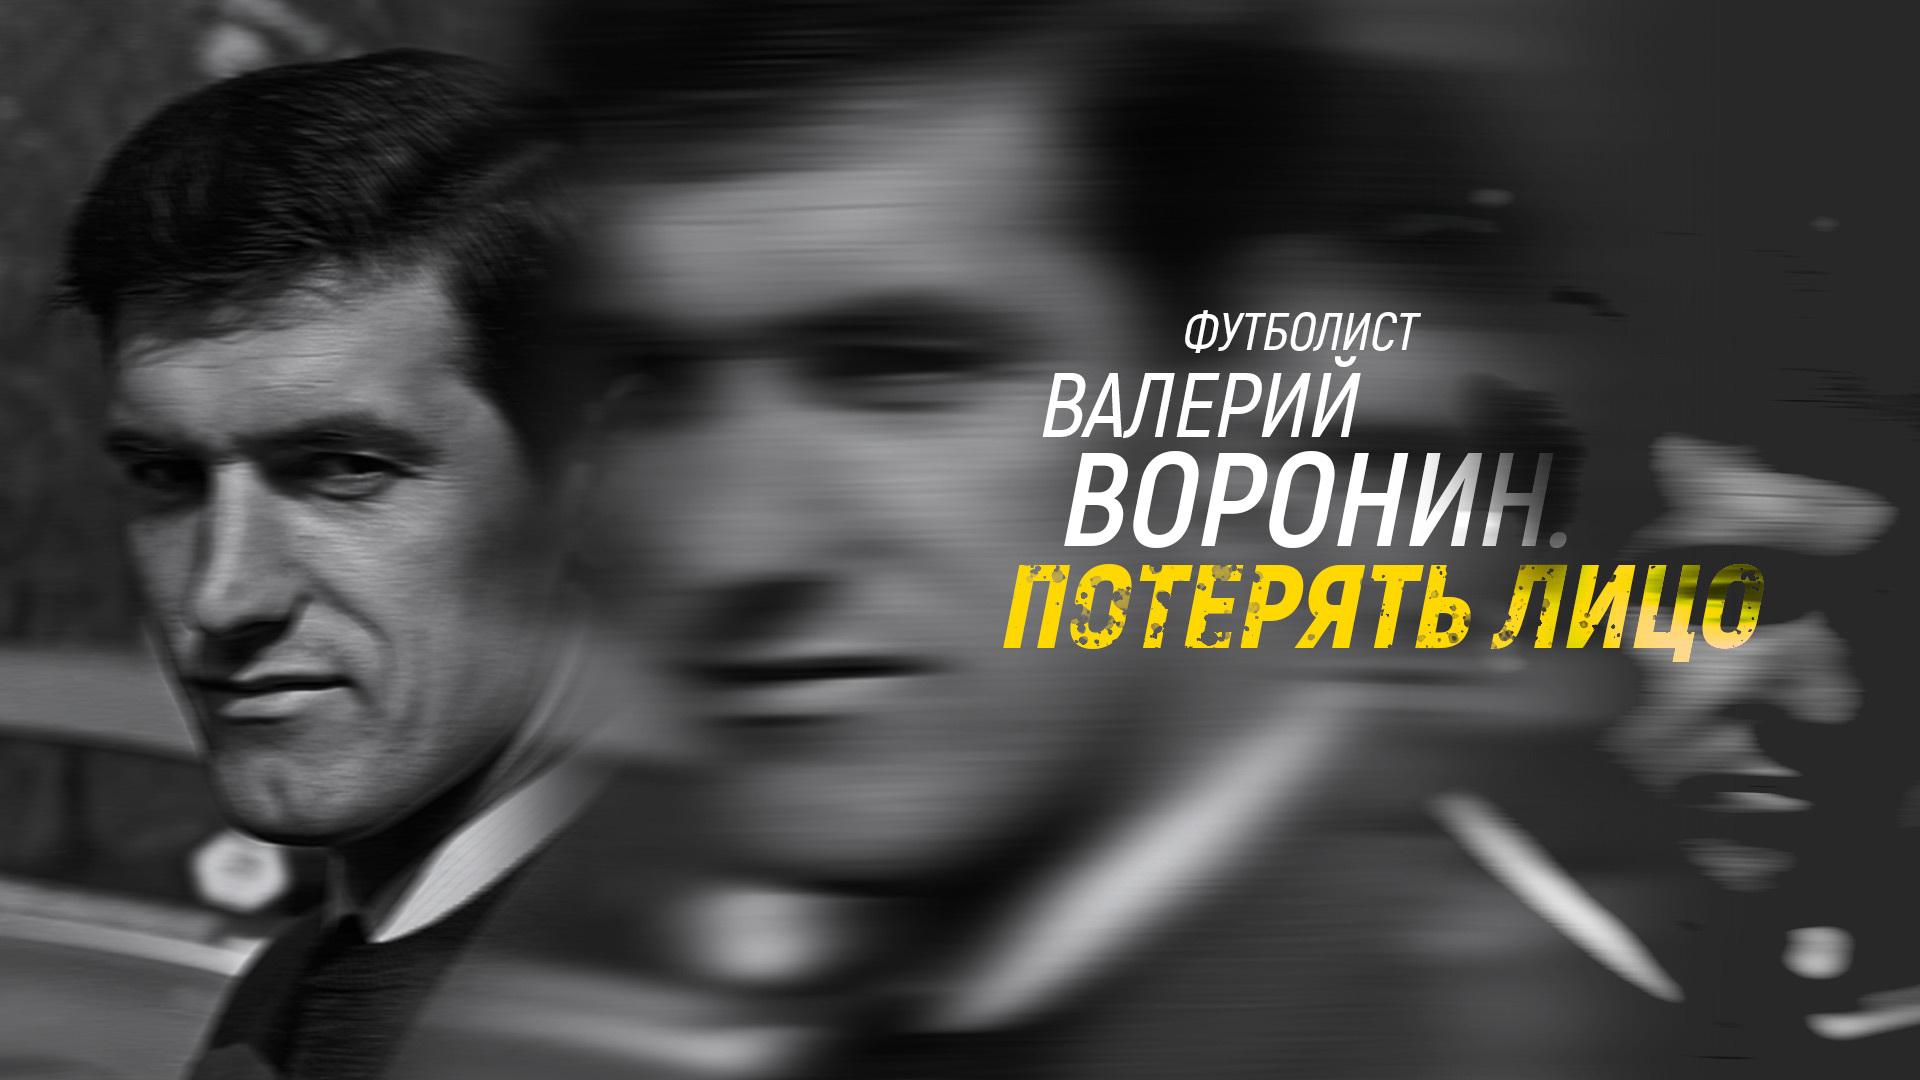 Футболист Валерий Воронин. Потерять лицо